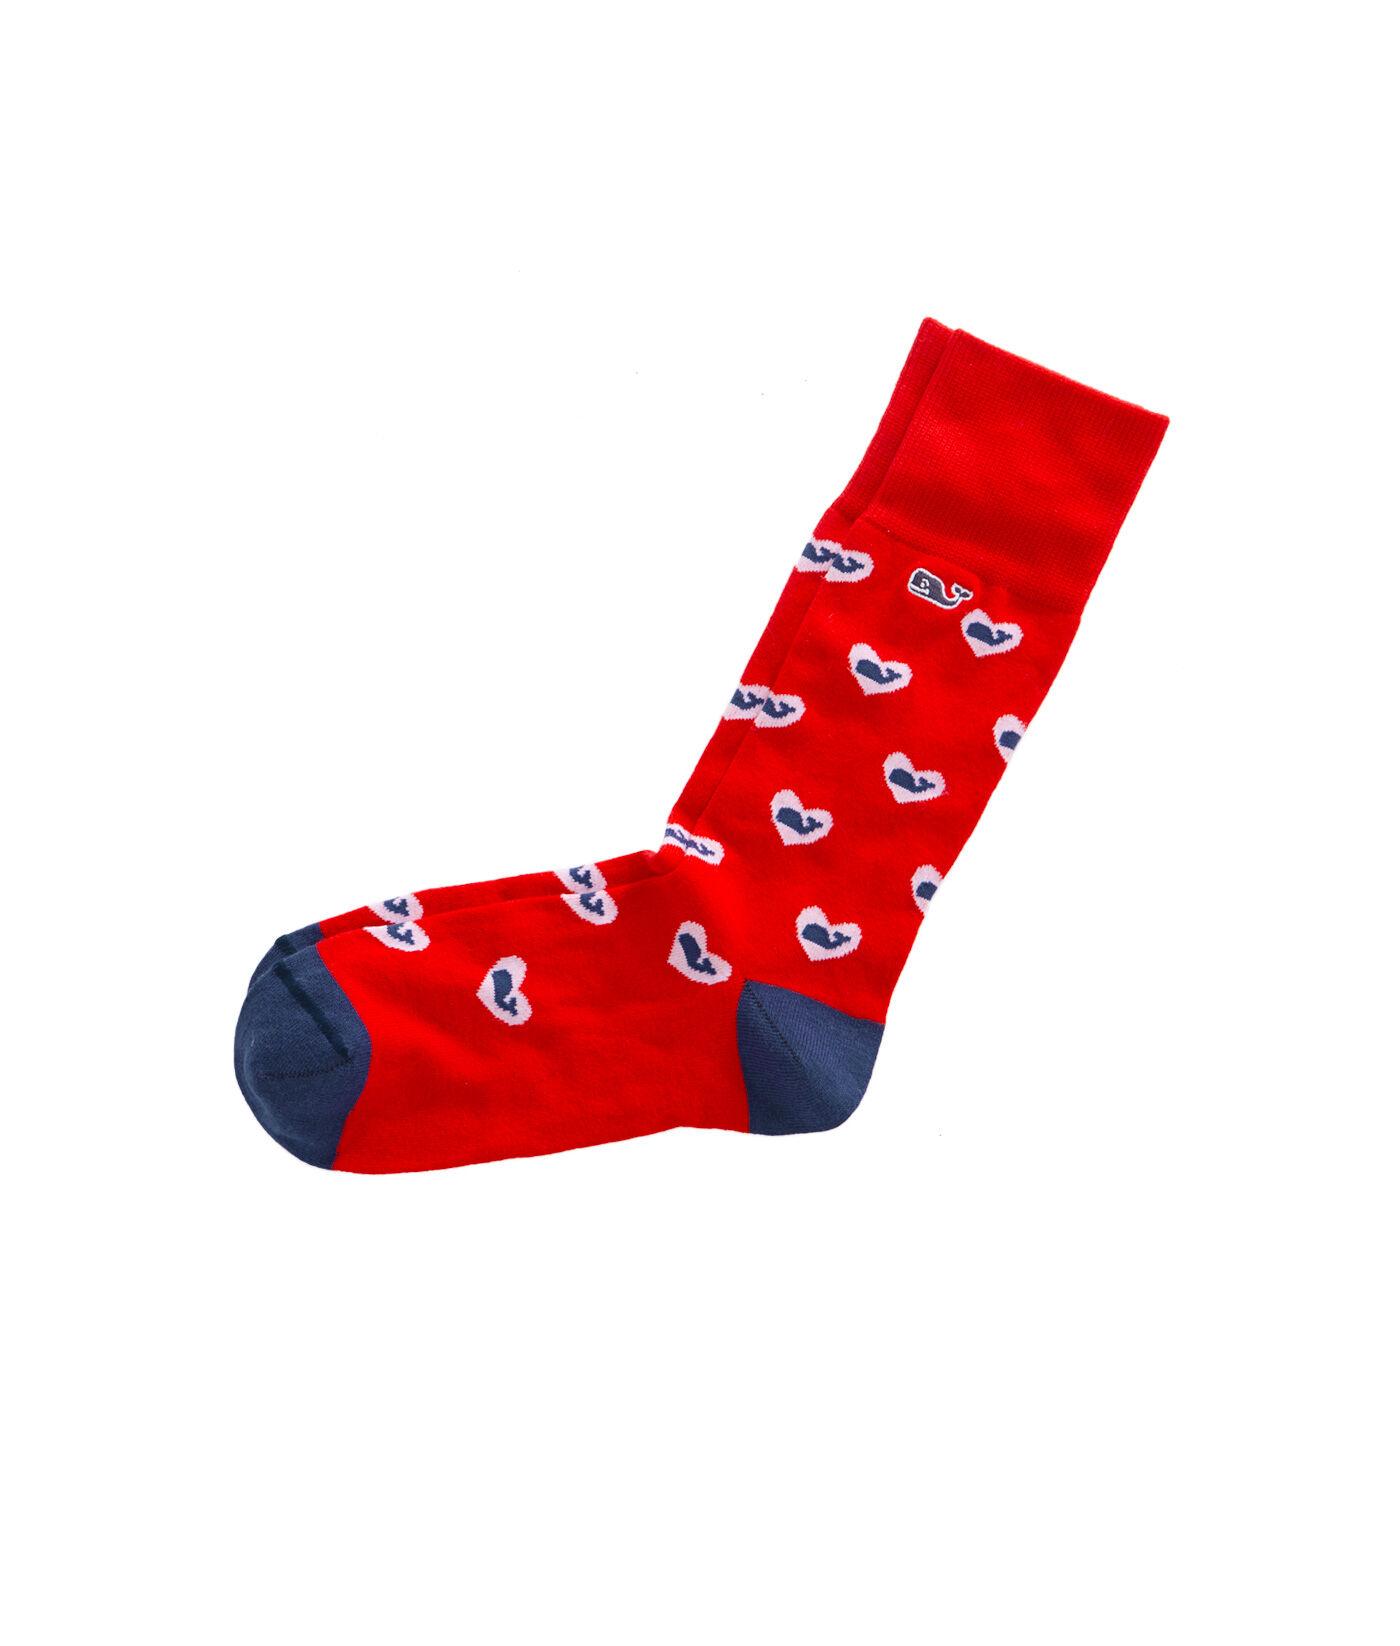 Red dress socks outlet